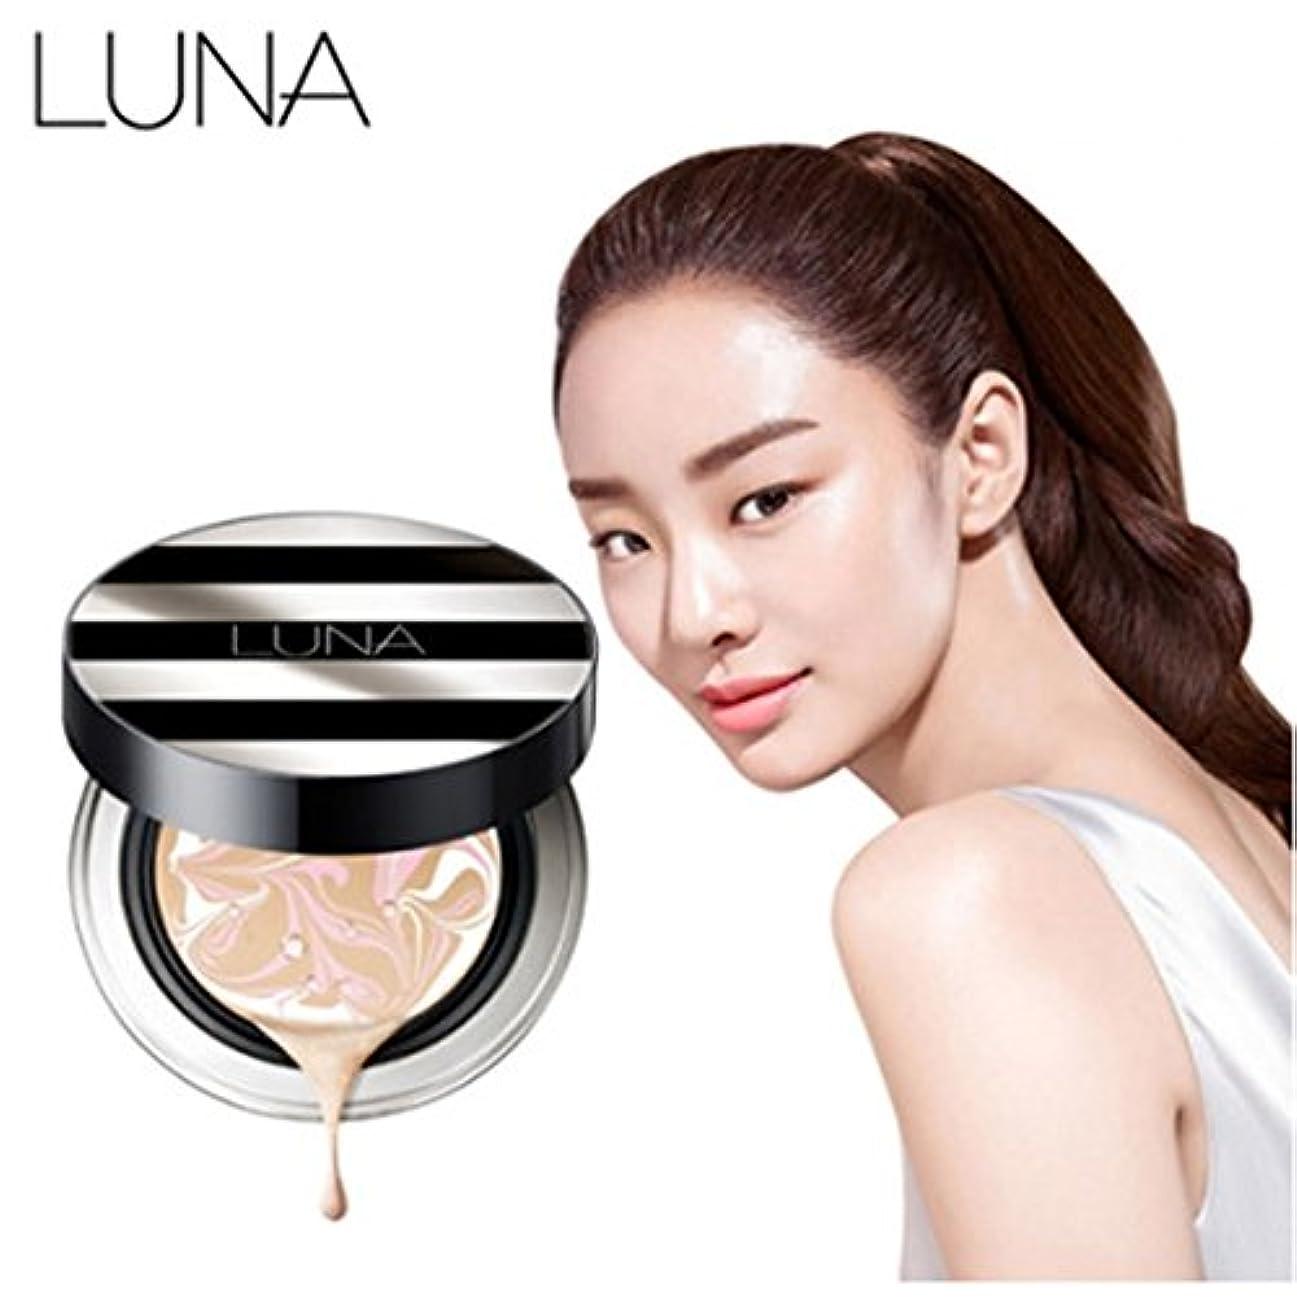 溶かす分配します発表する【 LUNA 】 エッセンスウォーターファクトFX 【 ルナ】 Essence Water Pact FX 詰め替えを含む 韓国製 (No.21 (Light Beige))